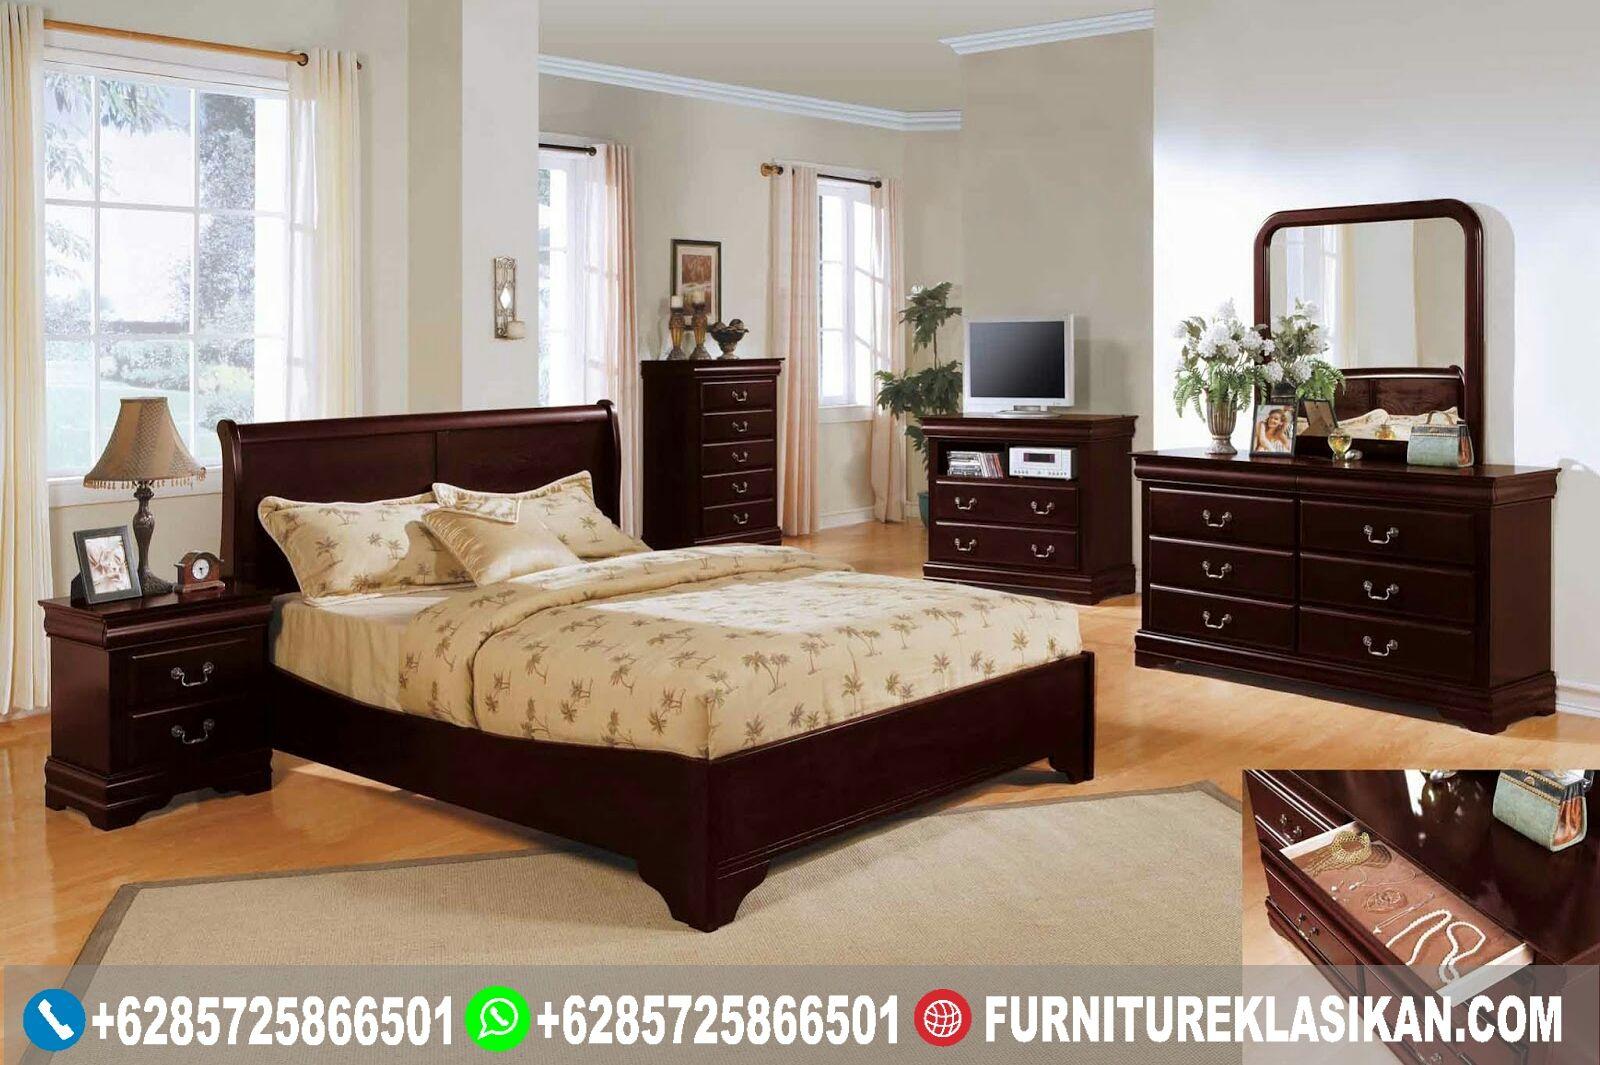 set tempat tidur jati minimalis, contoh desain kamar tidur mewah